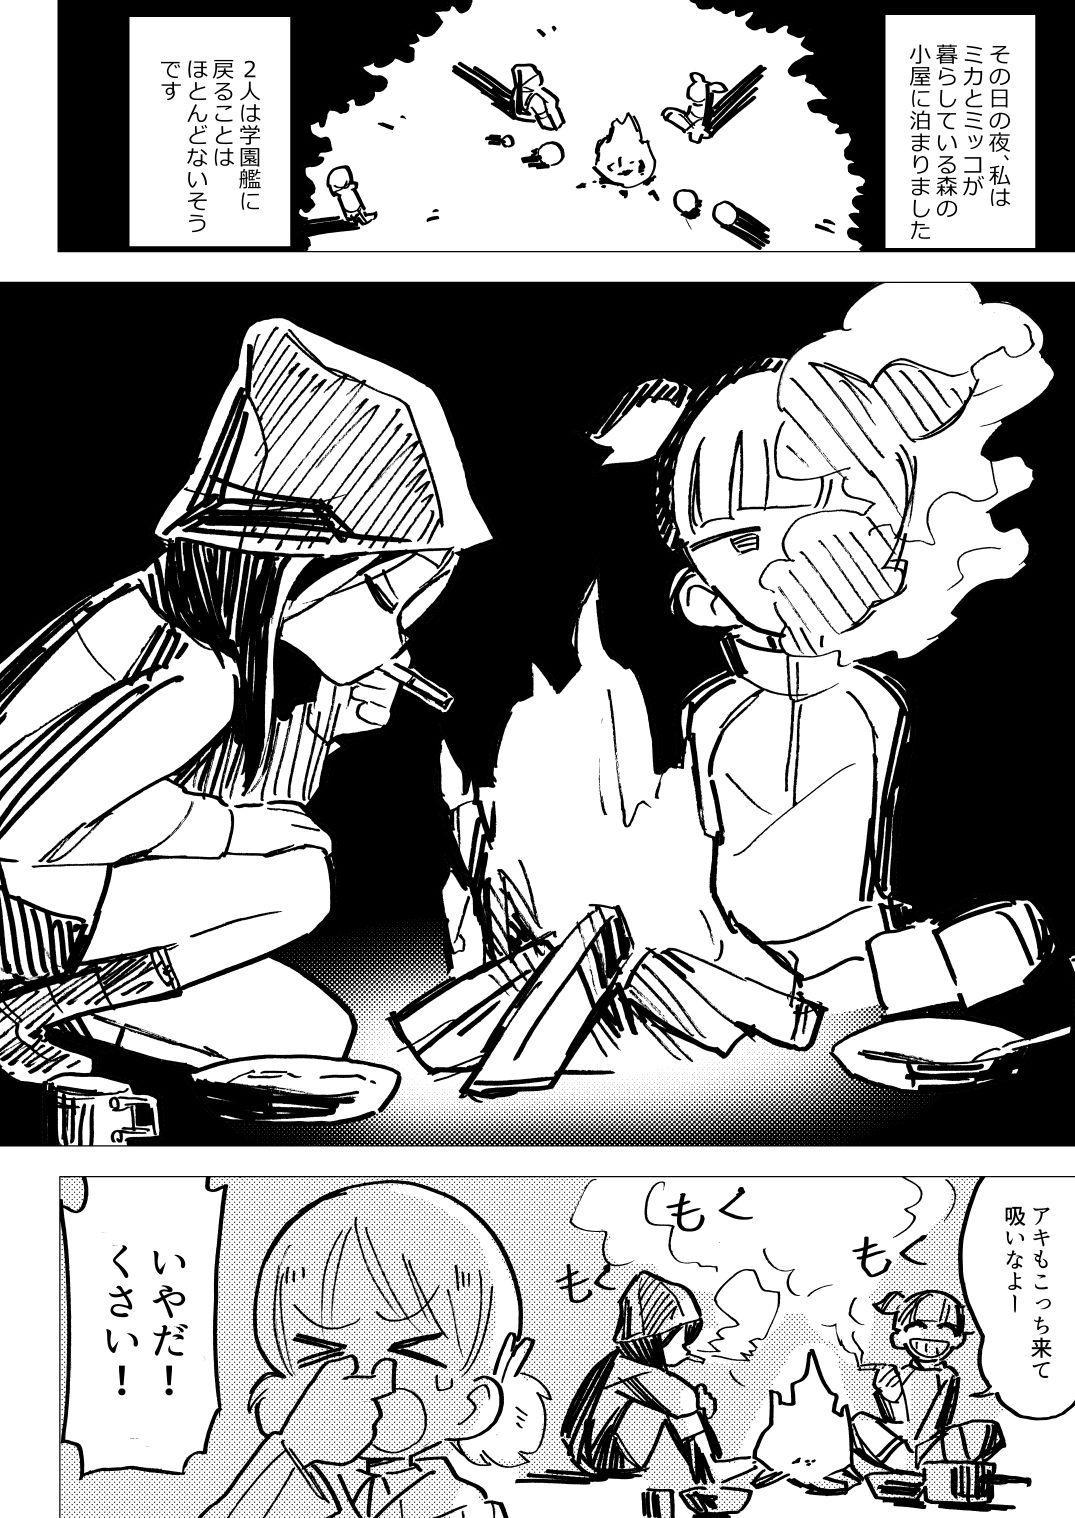 Nee Aki Kocchi Muite + 1 12